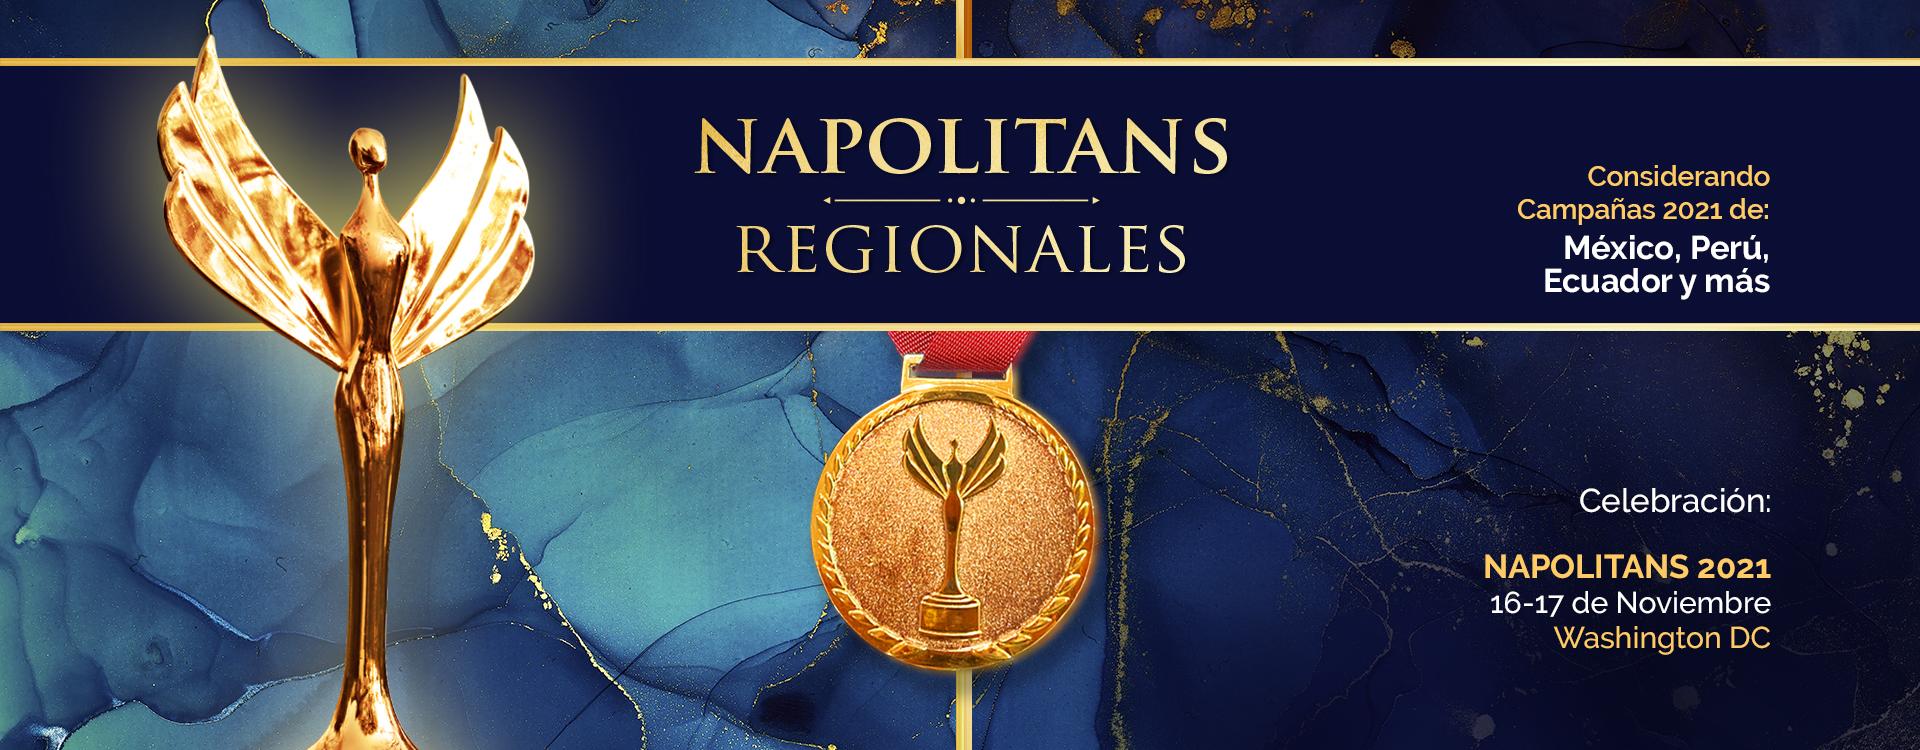 NAPOLITANS REGIONALES